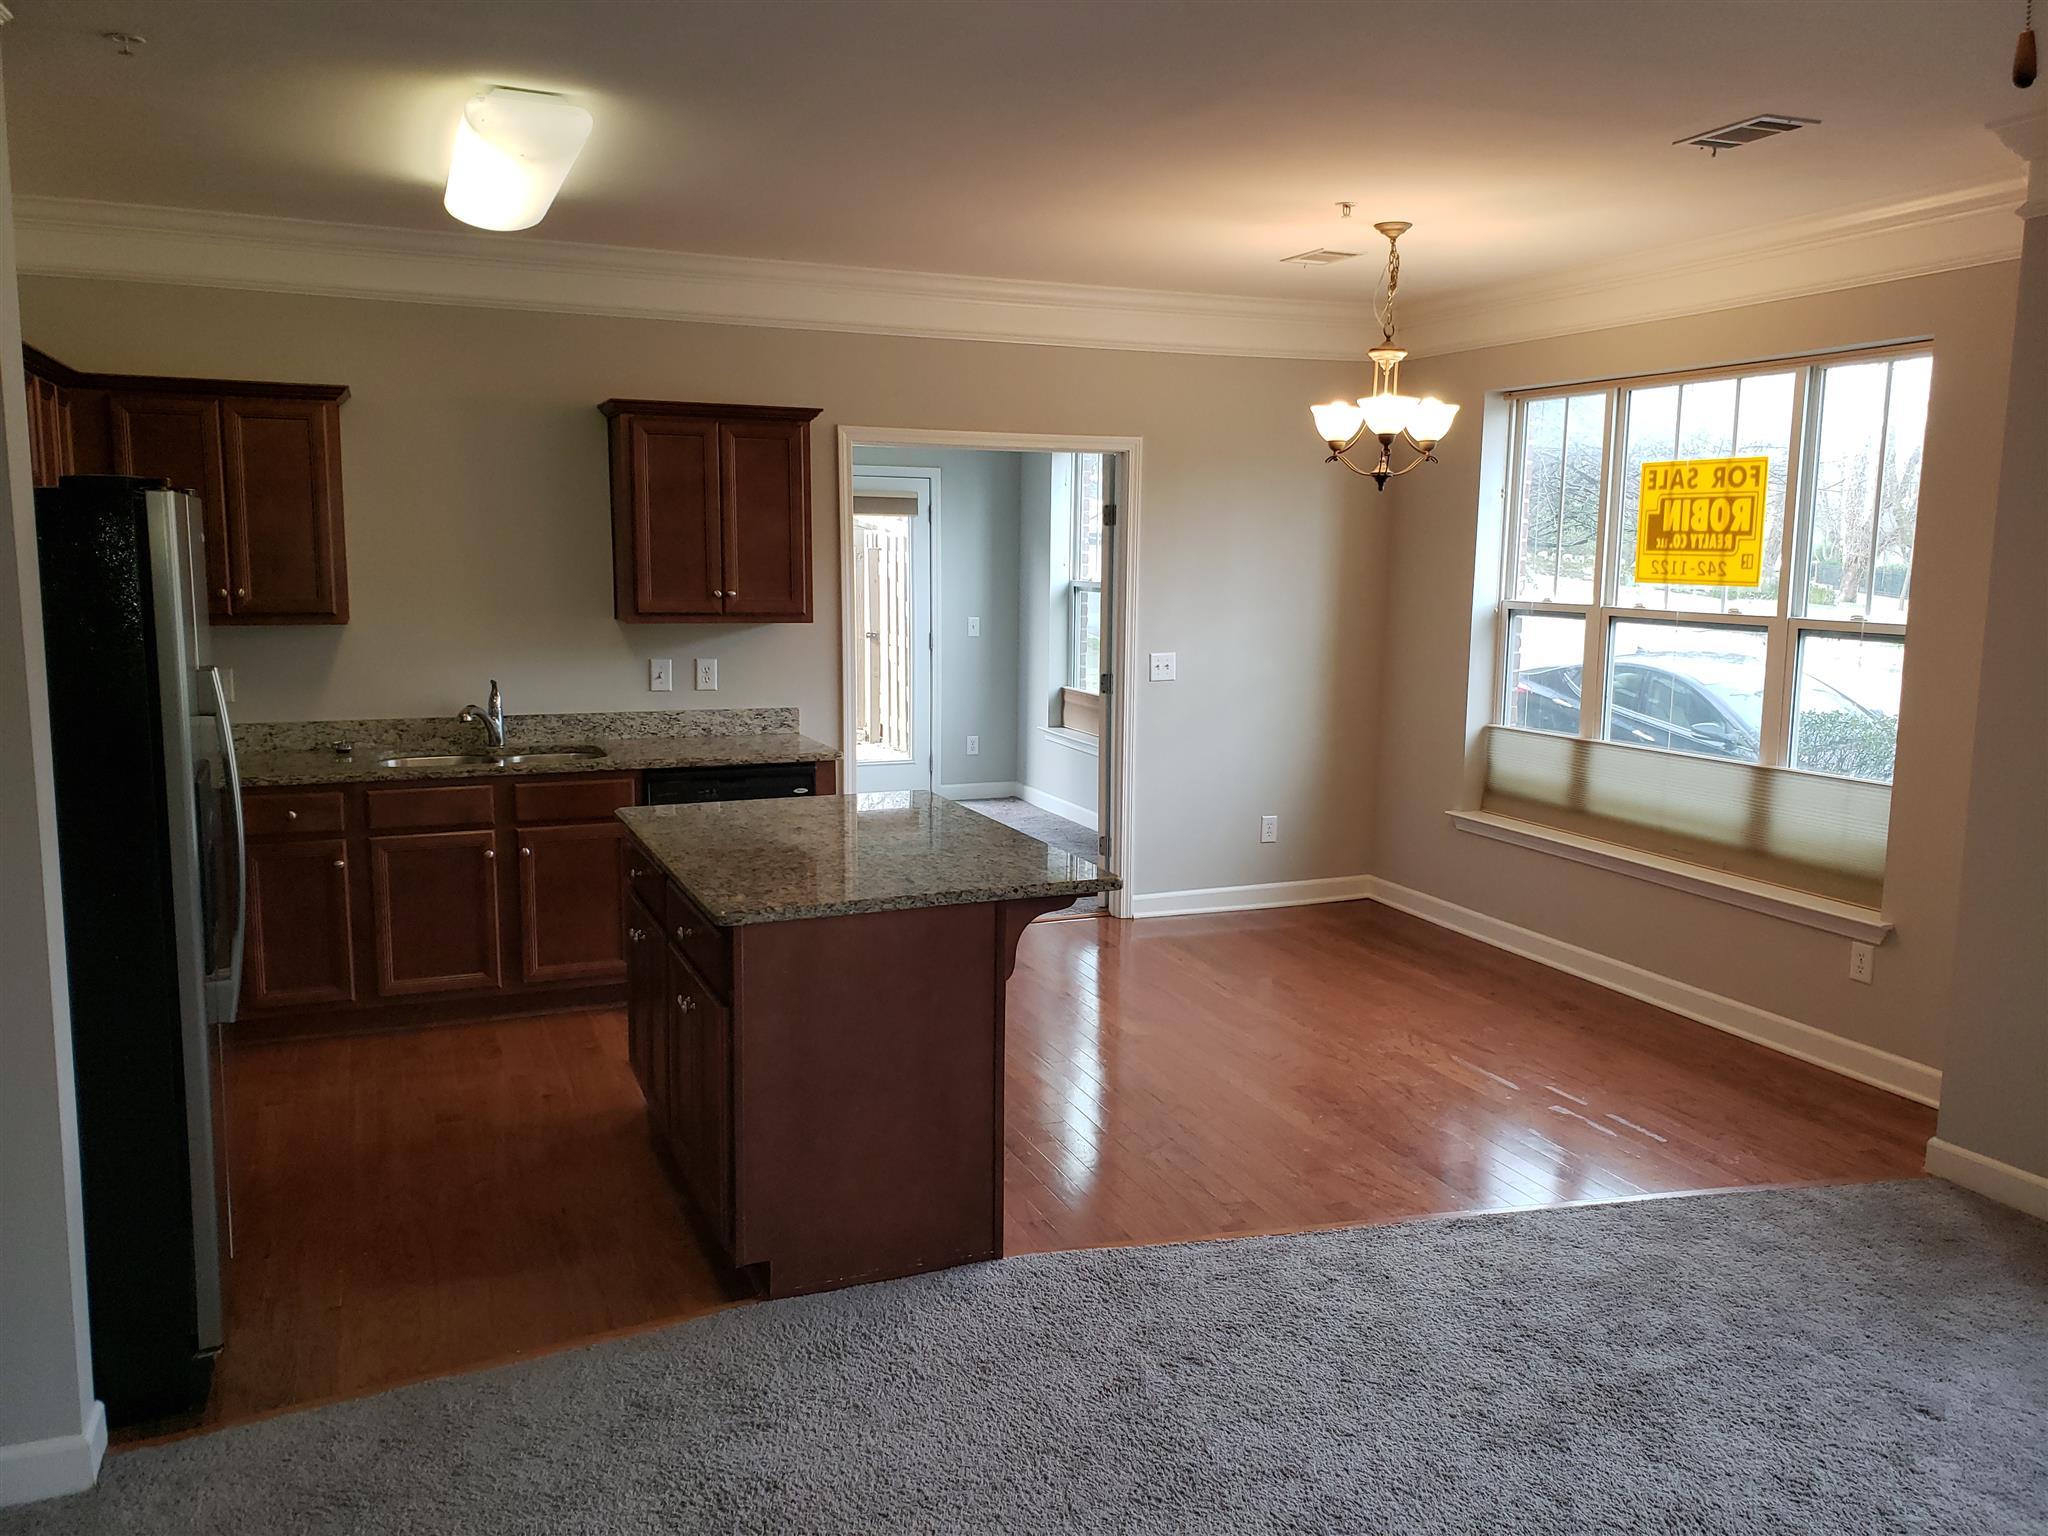 2310 Elliott Ave Apt 801, one of homes for sale in Nashville-Southeast